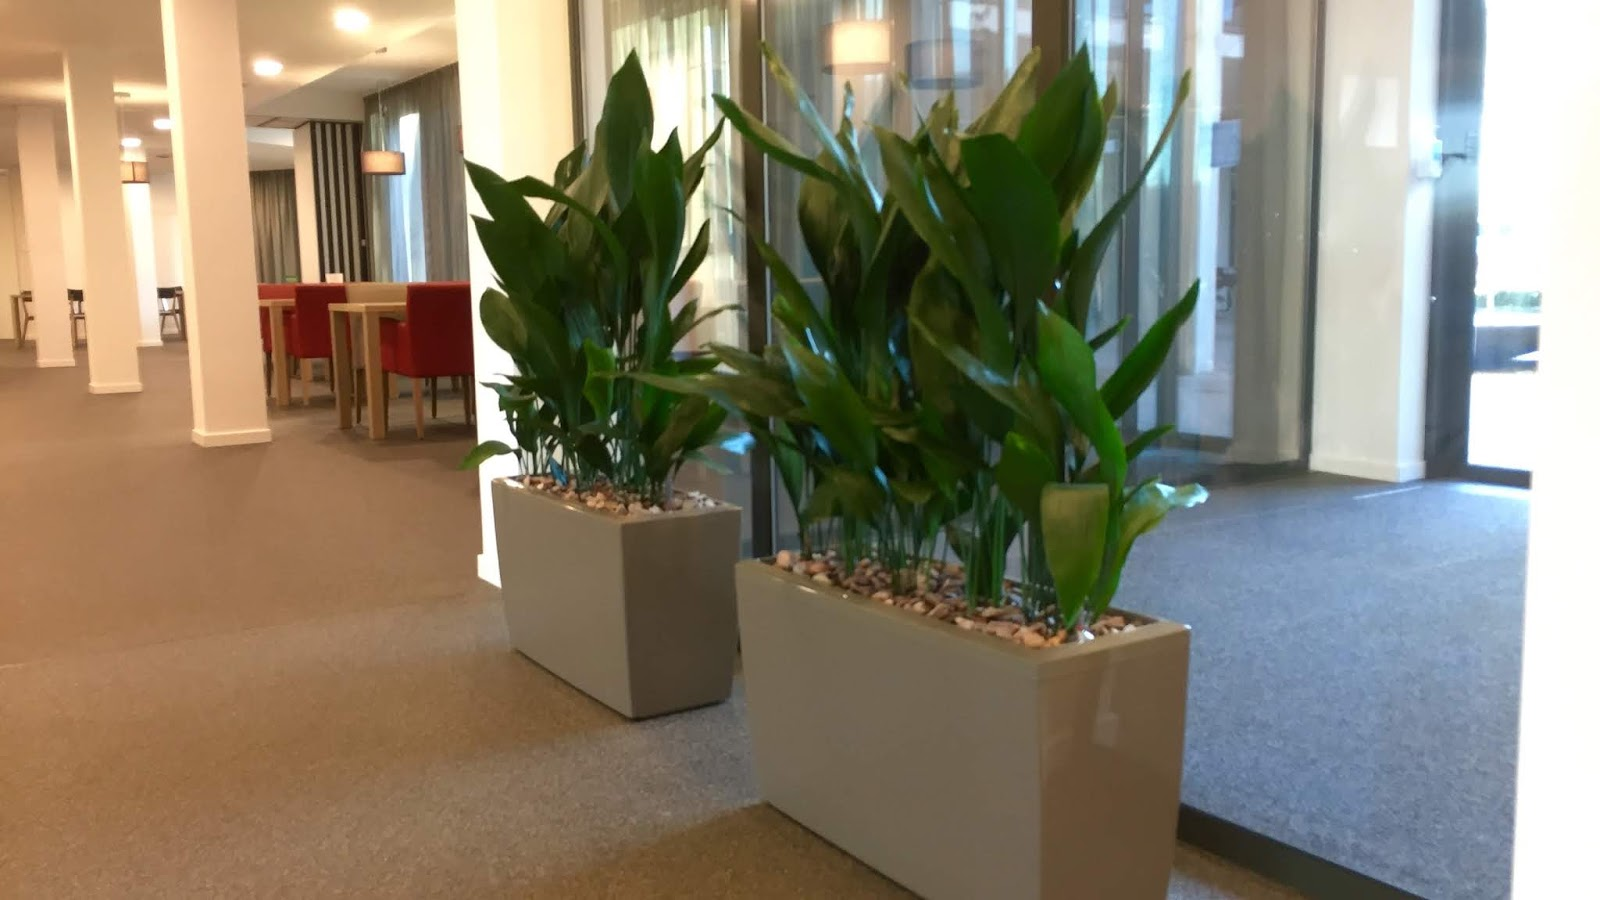 Planten Op Kantoor : Planten huren met onderhoud voor kantoor bedrijf of event